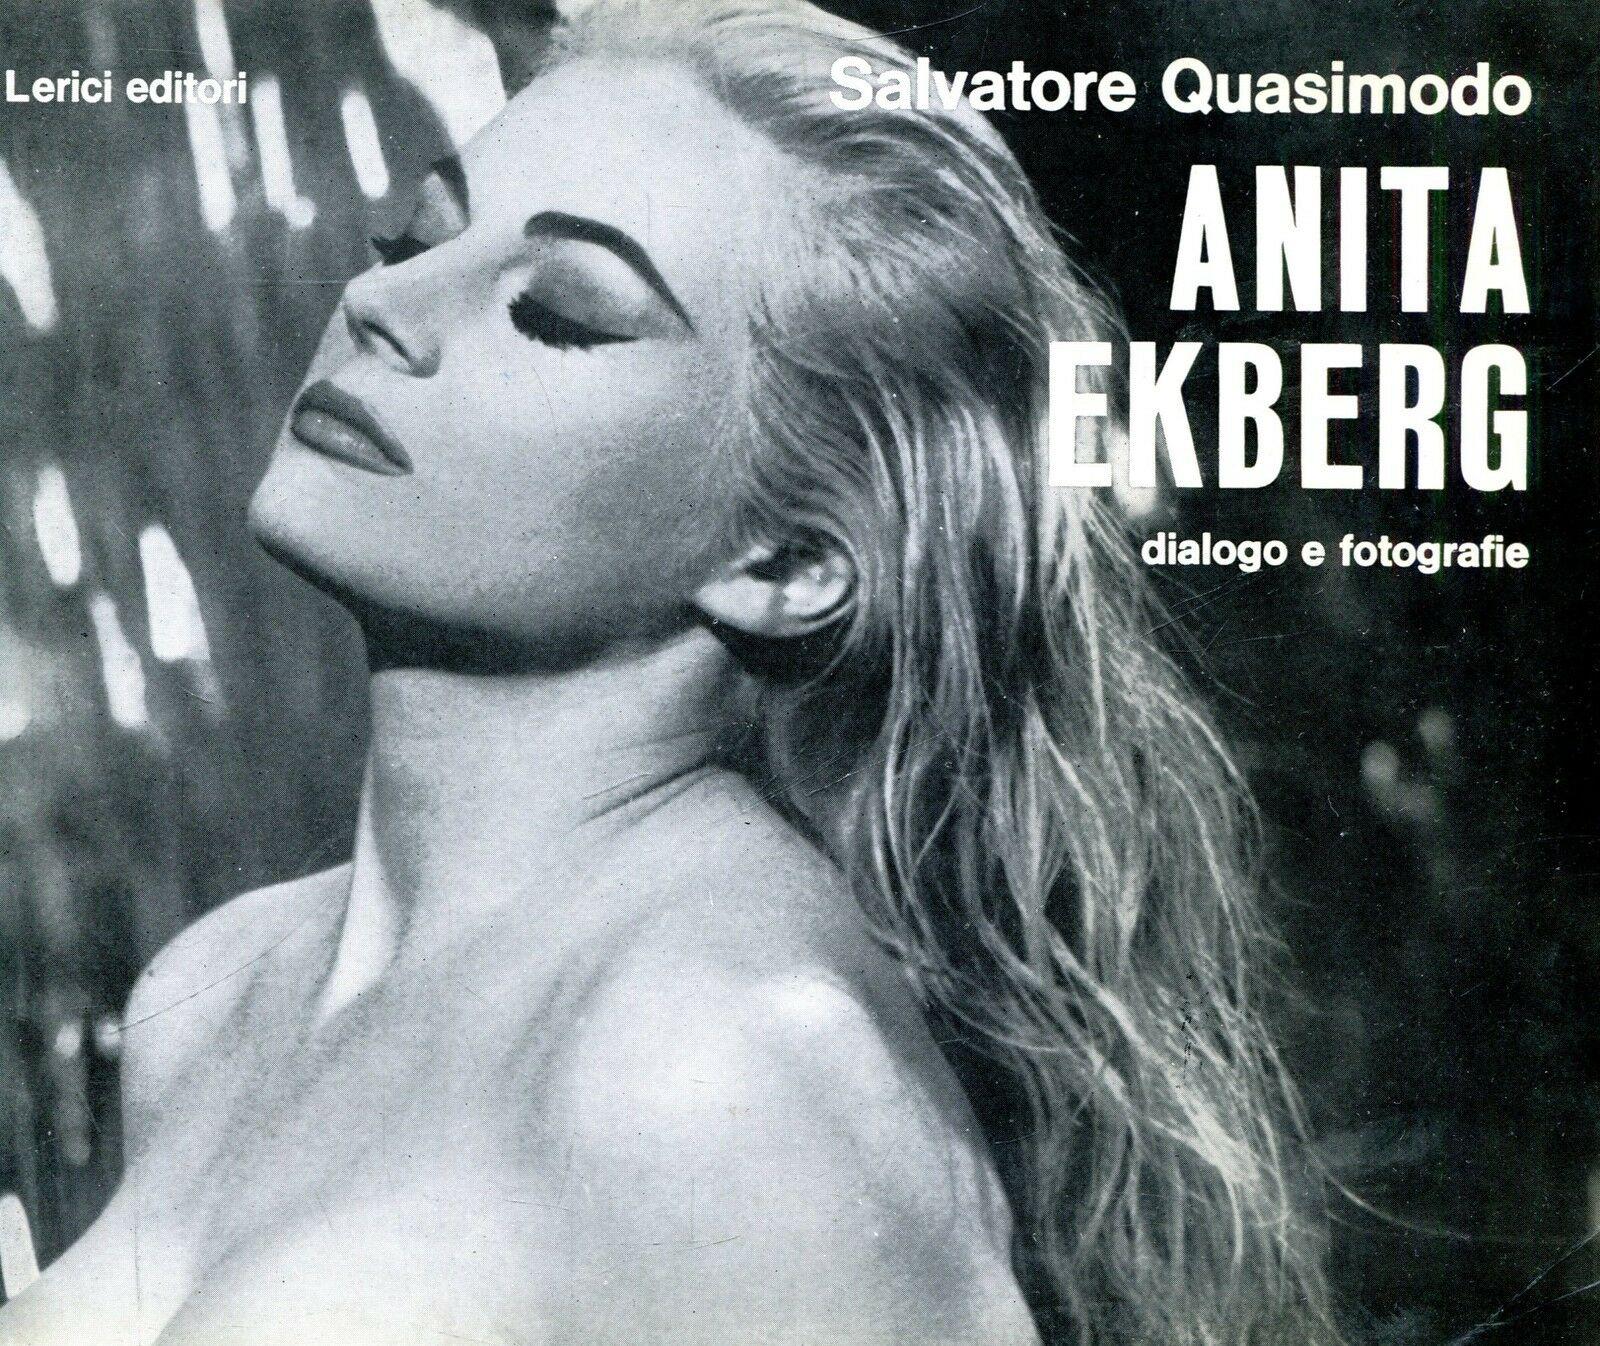 Quasimodo, come here : così il poeta intervistò Anitona, in la Repubblica/Palermo